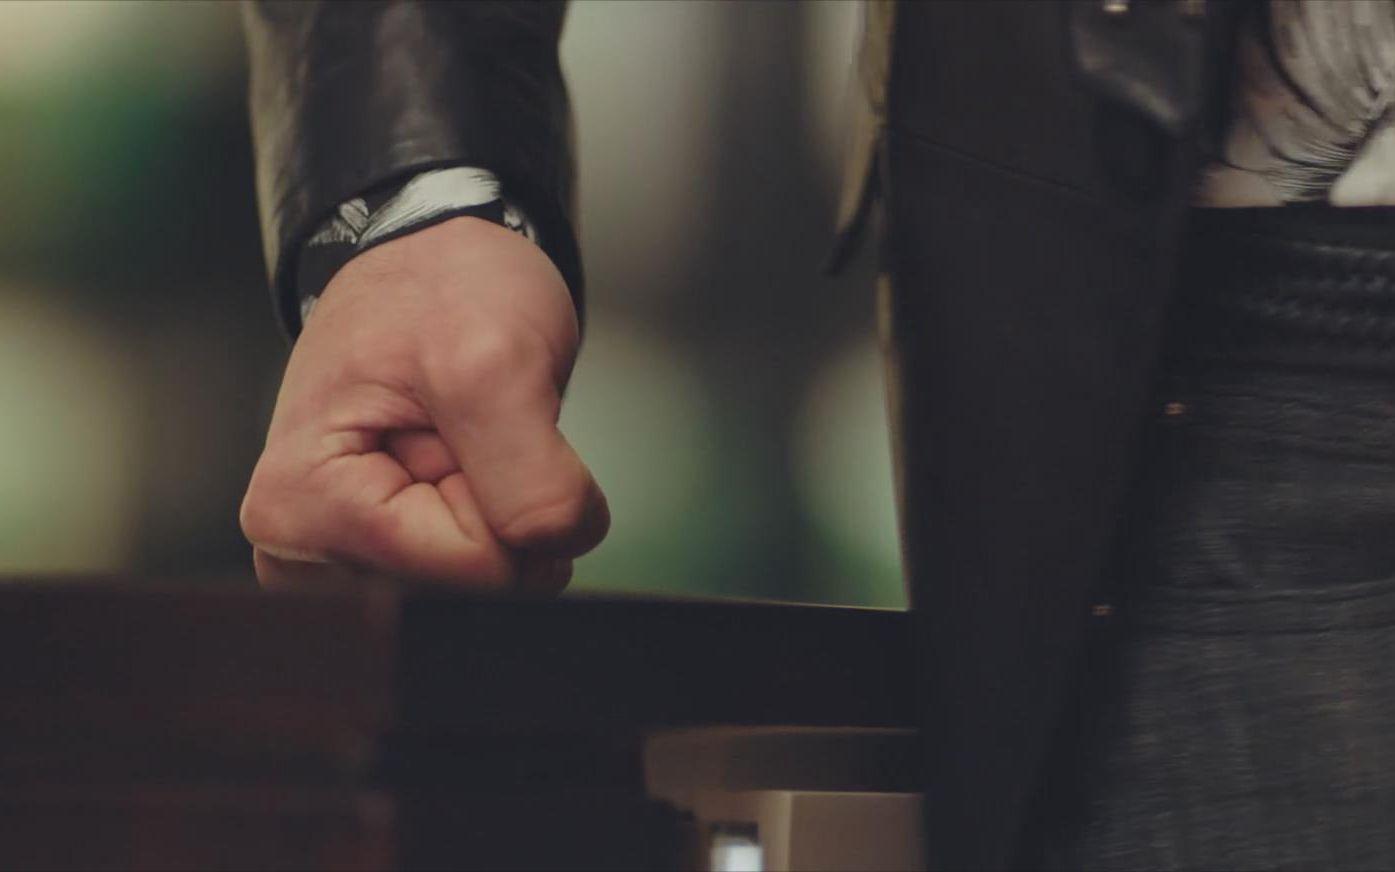 【薛皓文】《黄金瞳》剧情版预告